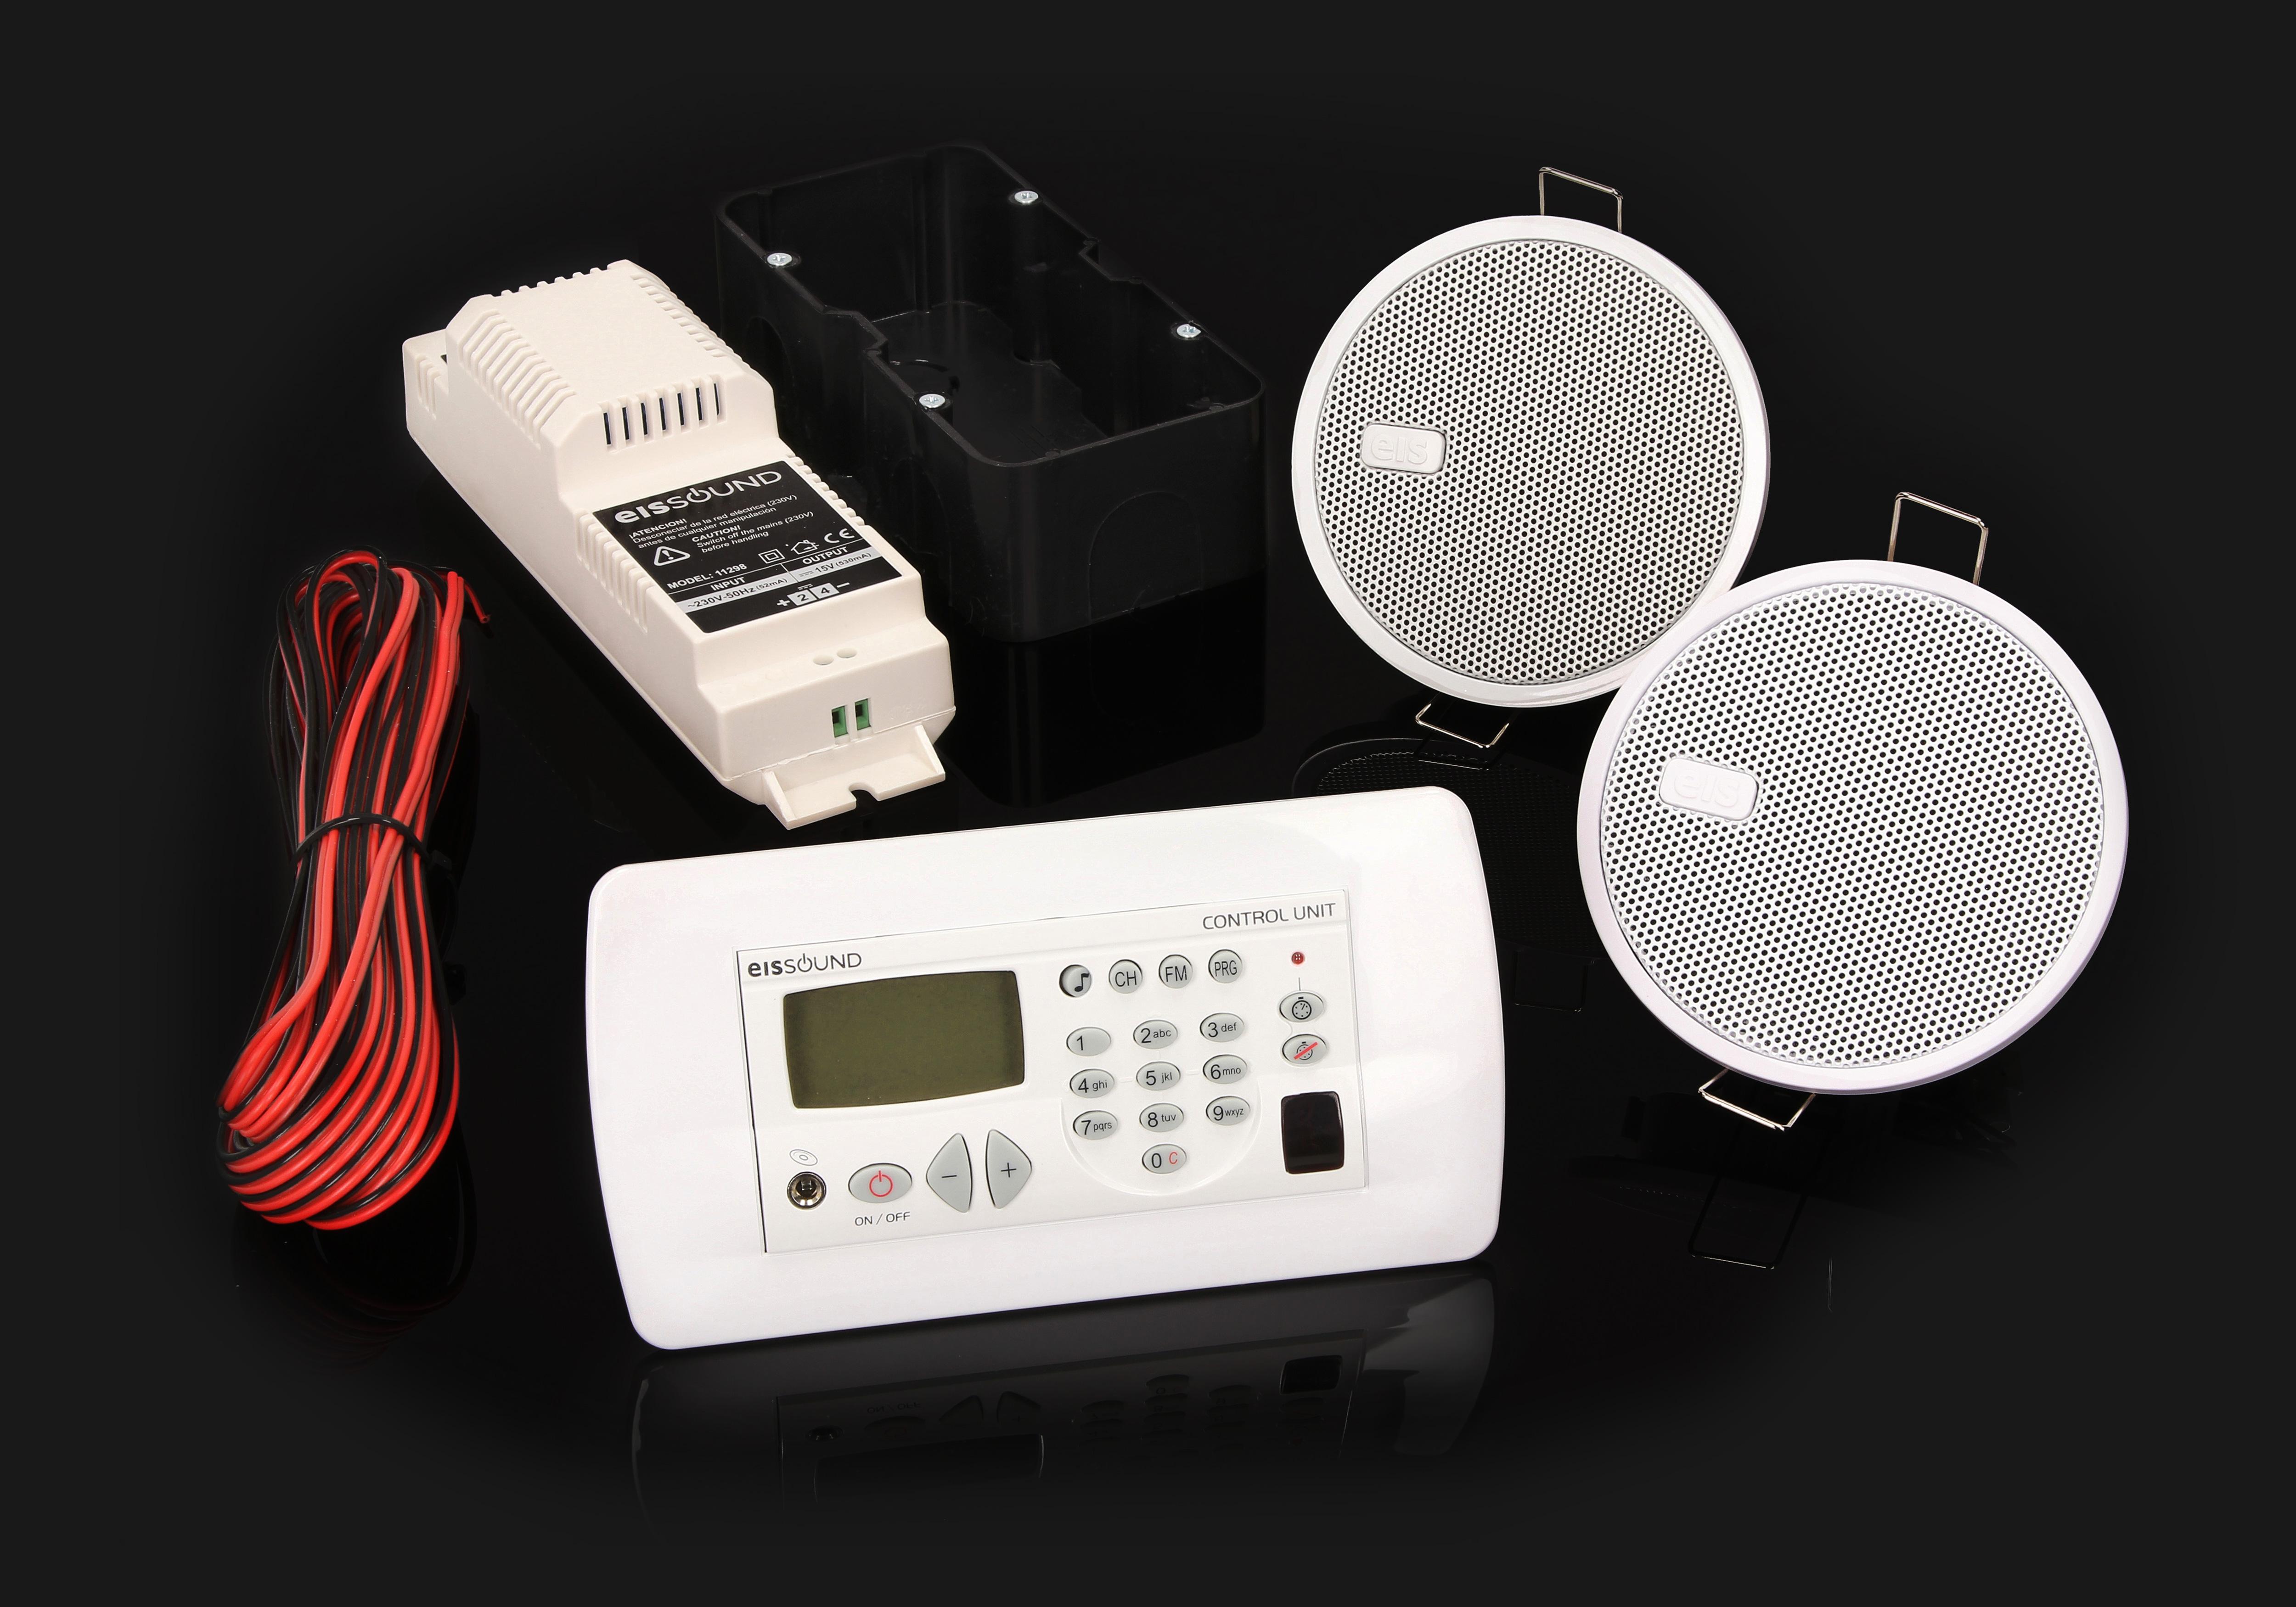 Eis Sound Premium zestaw radia kuchennego do montażu w ścienia